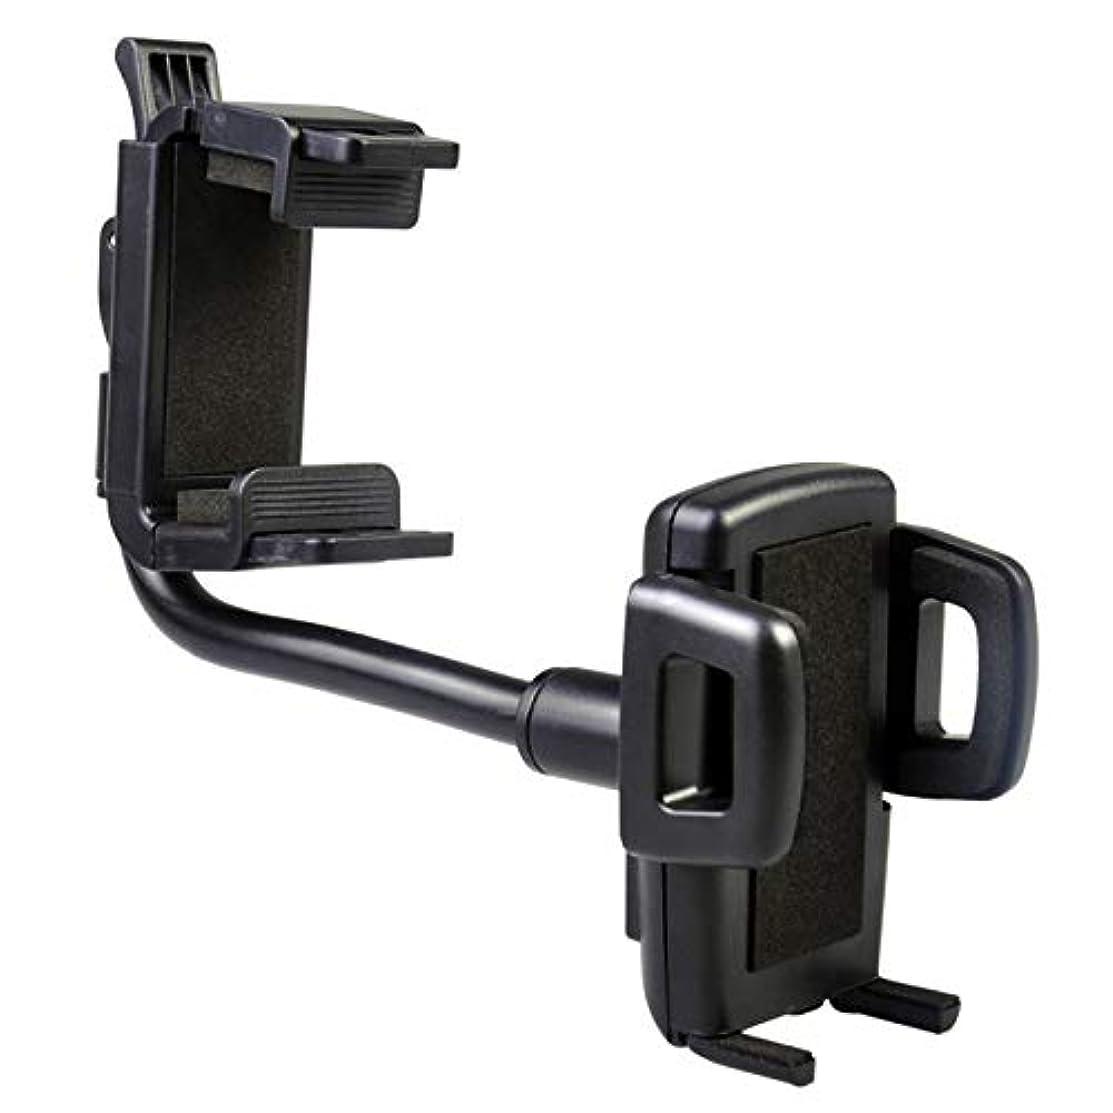 アボート避ける全員Jicorzo - 車の自動車のバックミラーマウント携帯電話ホルダーブラケットは、iPhoneの携帯電話のGPSのためにサムスンのためにスタンド360度のホルダー